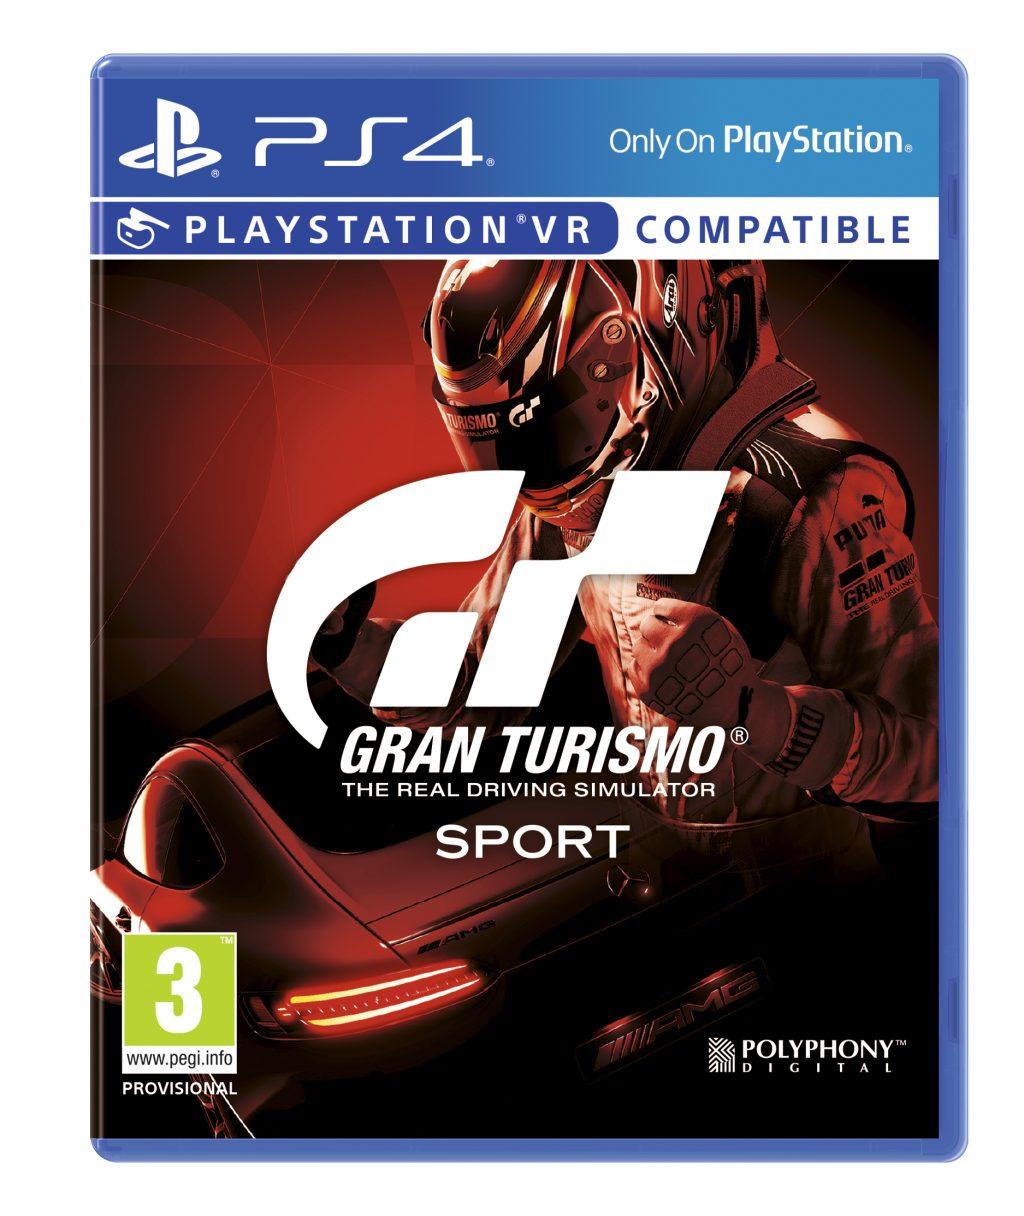 PS4 GTSport 2D PackShot PEGI WIP e1499959507296 - Annunciata la data di uscita di Gran Turismo Sport